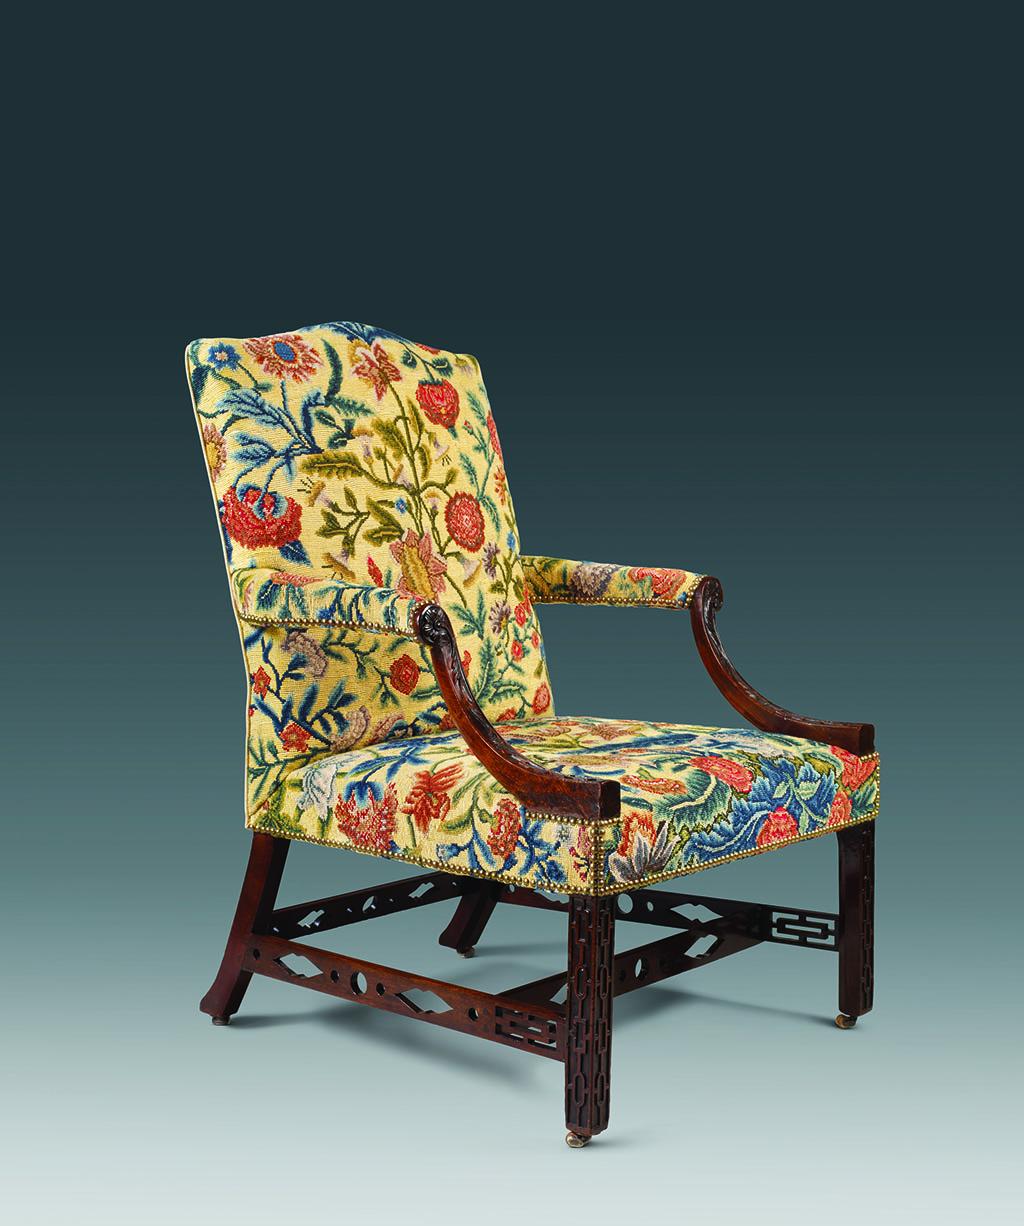 Кресло «Гейнсборо» в стиле Чиппендейла Красное дерево, обивка, шелк Англия, около 1760 г. Галерея «Mallett», Лондон - Нью-Йорк